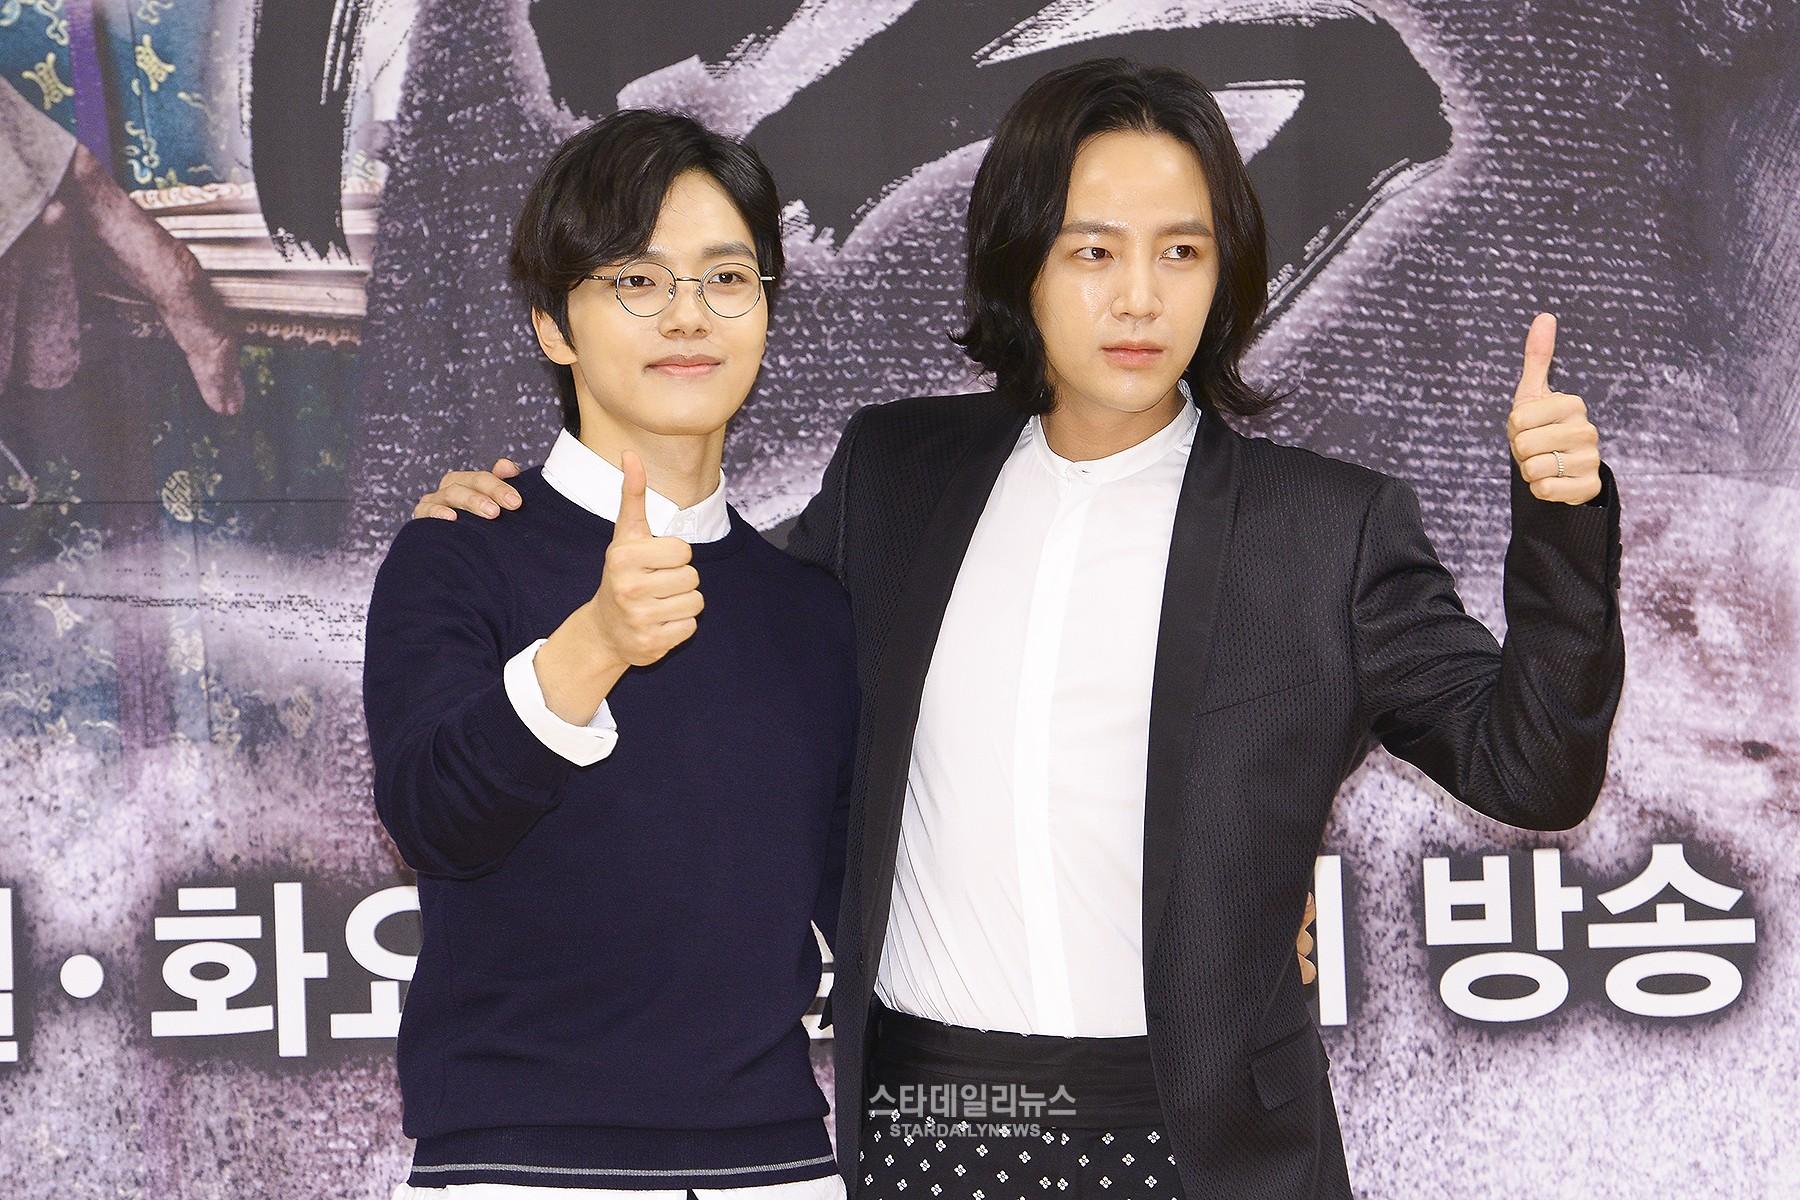 yeo-jin-goo-jang-geun-suk-daebak-star-daily-news